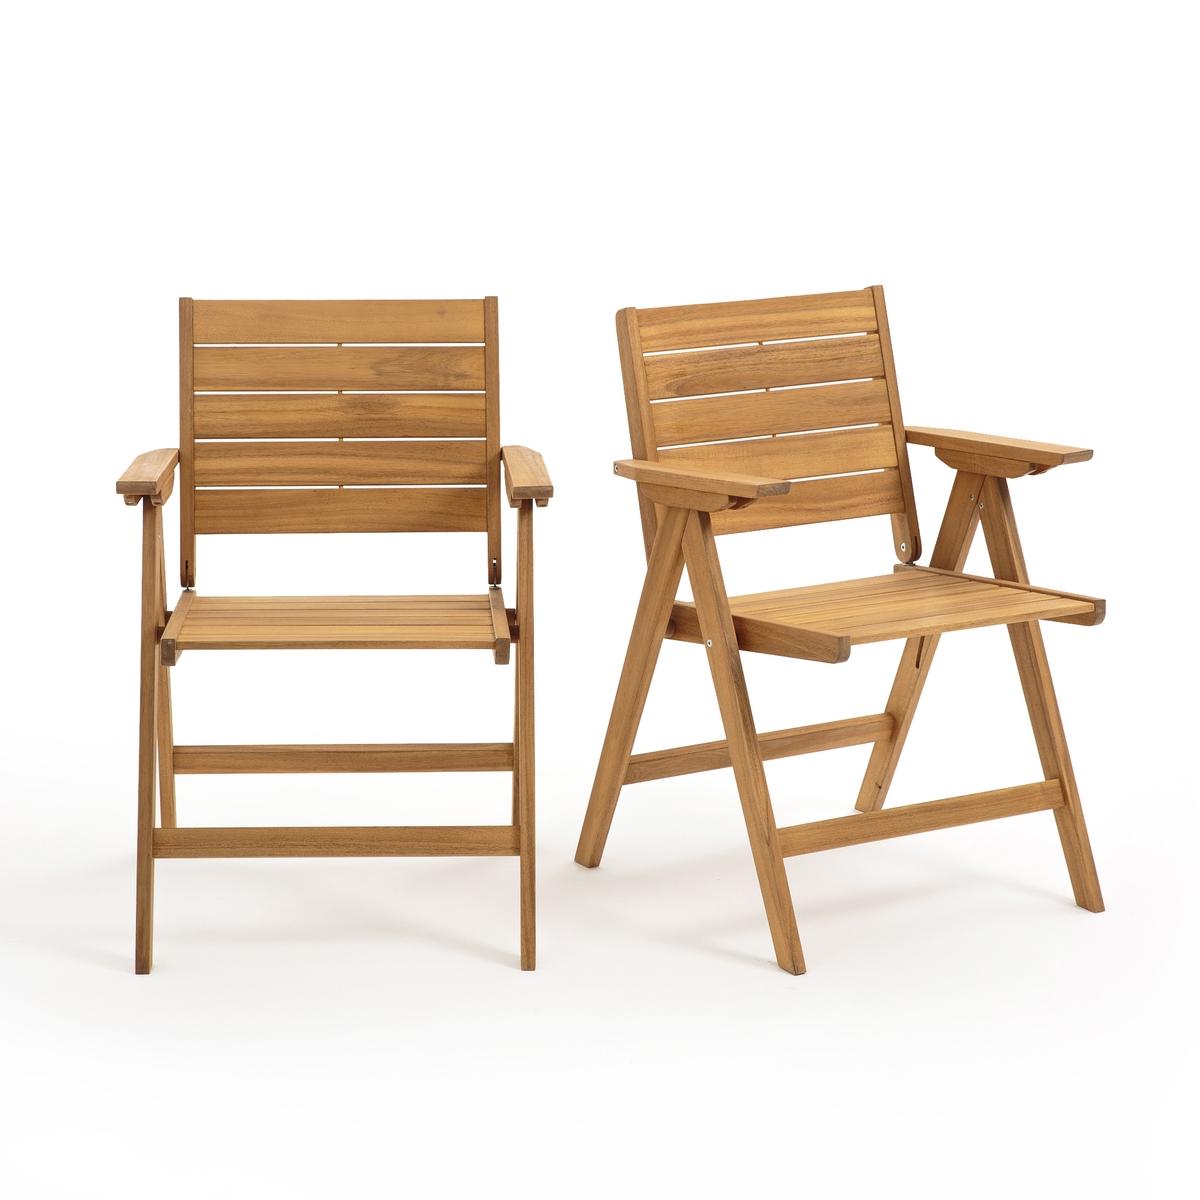 Складных La Redoute Кресла Ralto из акации единый размер бежевый